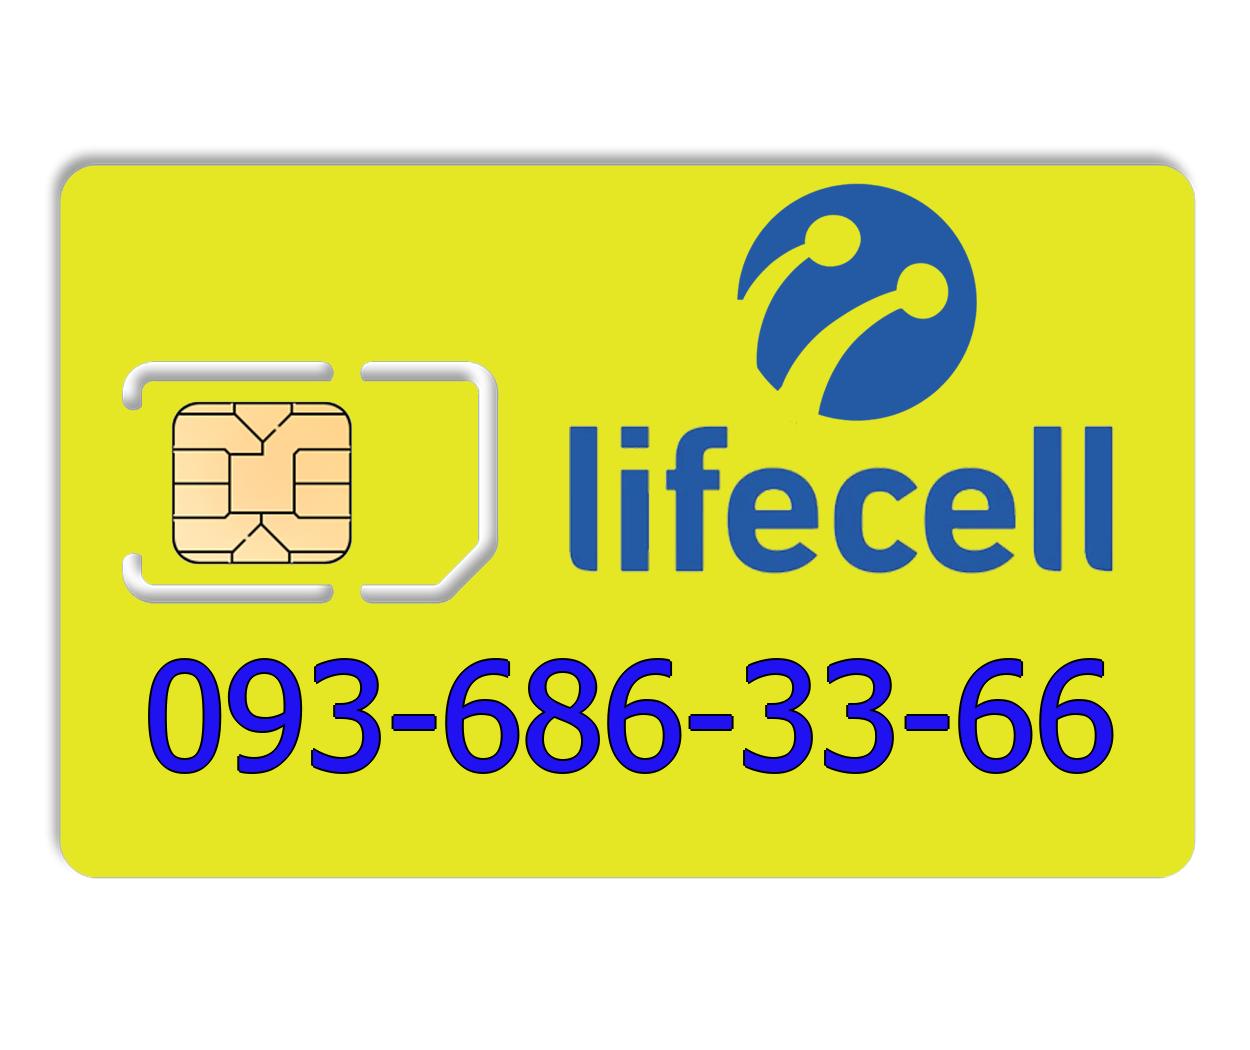 Красивый номер lifecell 093-686-33-66